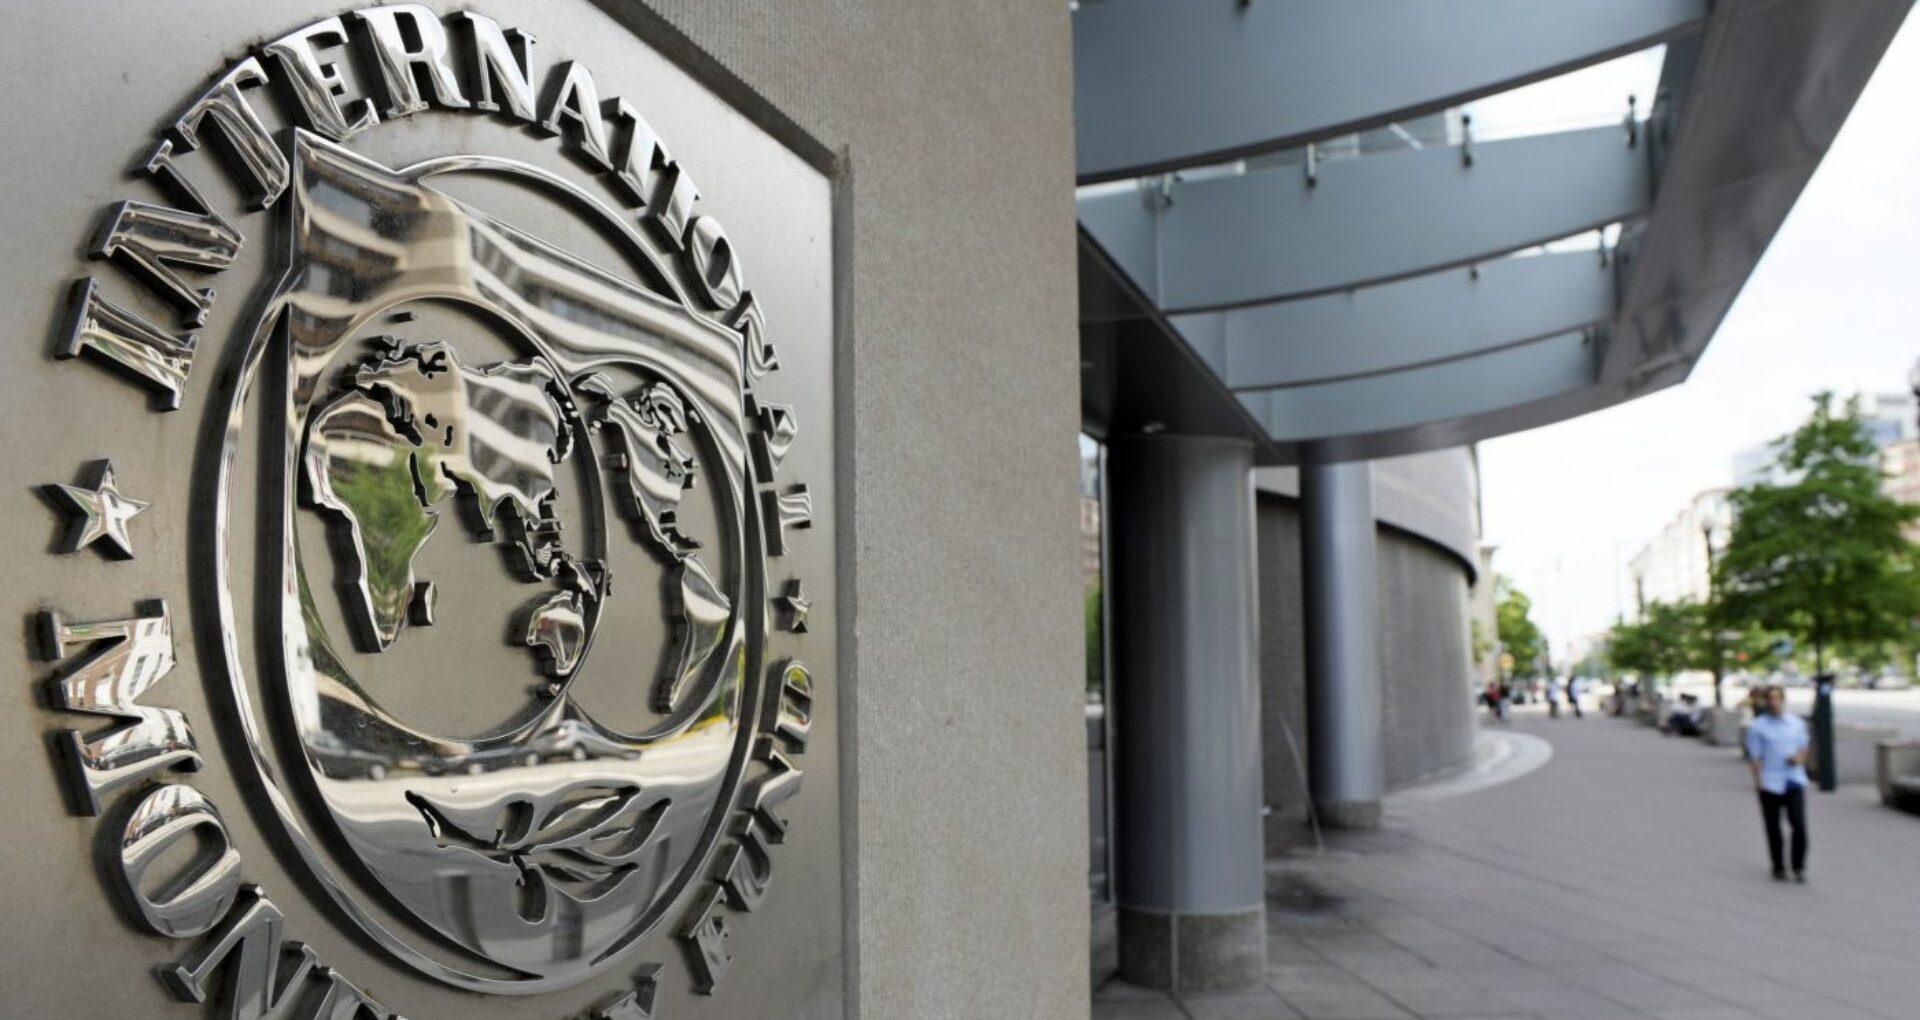 Discuții la distanță cu FMI. Experții vor să verifice dacă R. Moldova a implementat angajamentele asumate